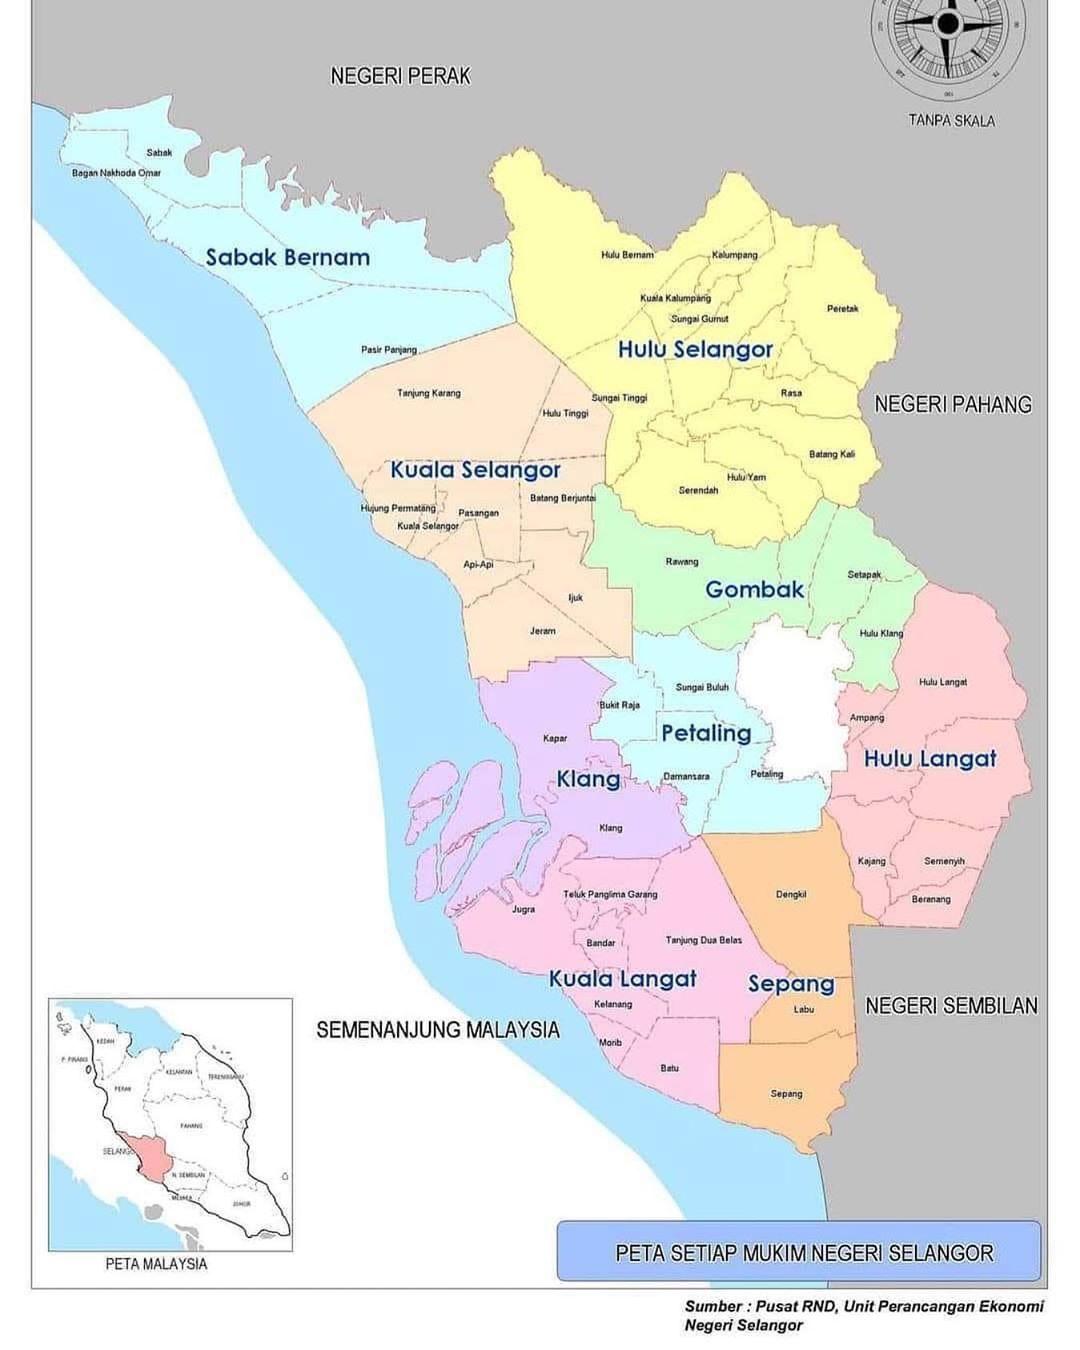 Sempadan Daerah Negeri Selangor - PKPB